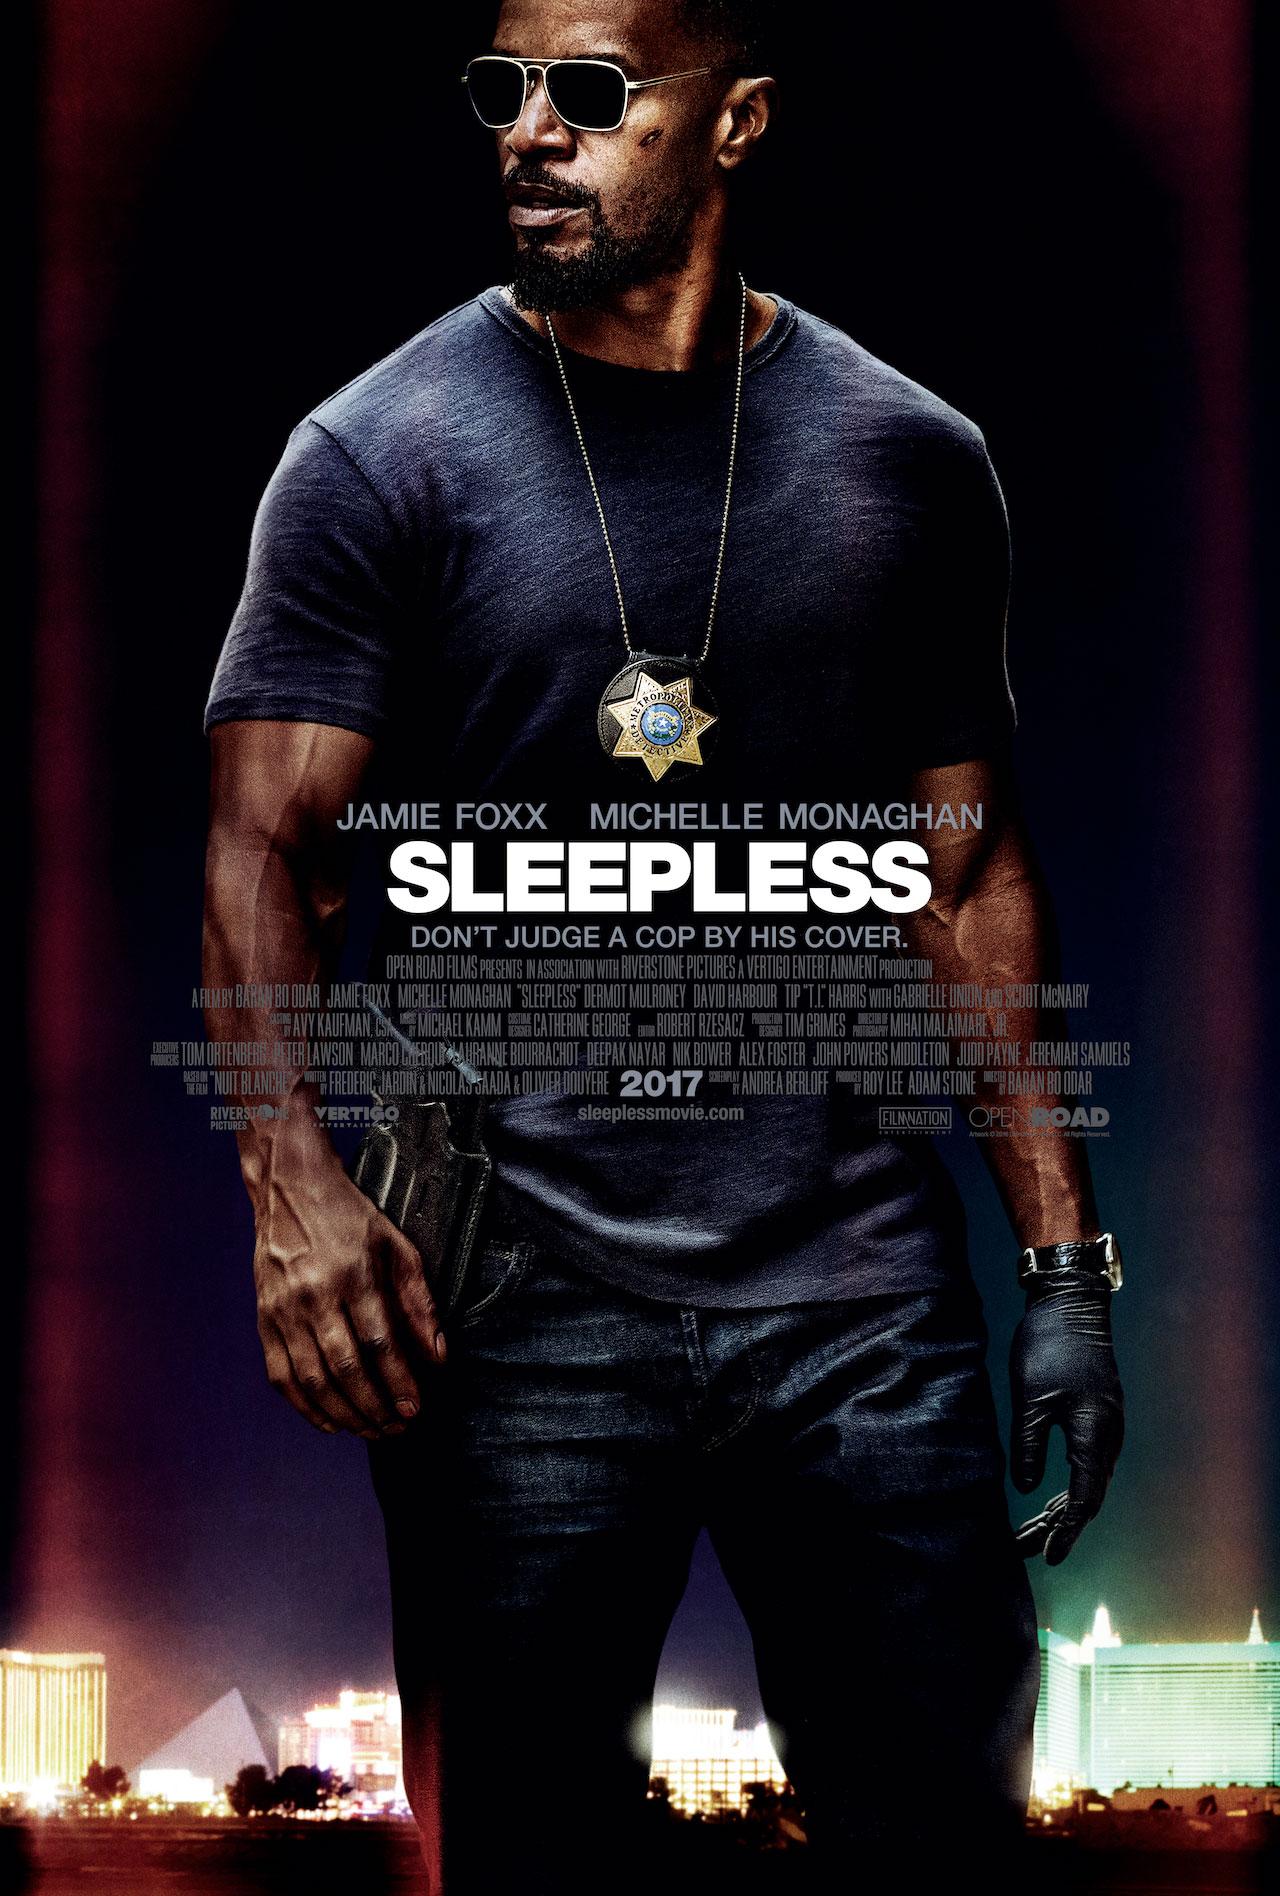 sleepless_poster_final.jpg